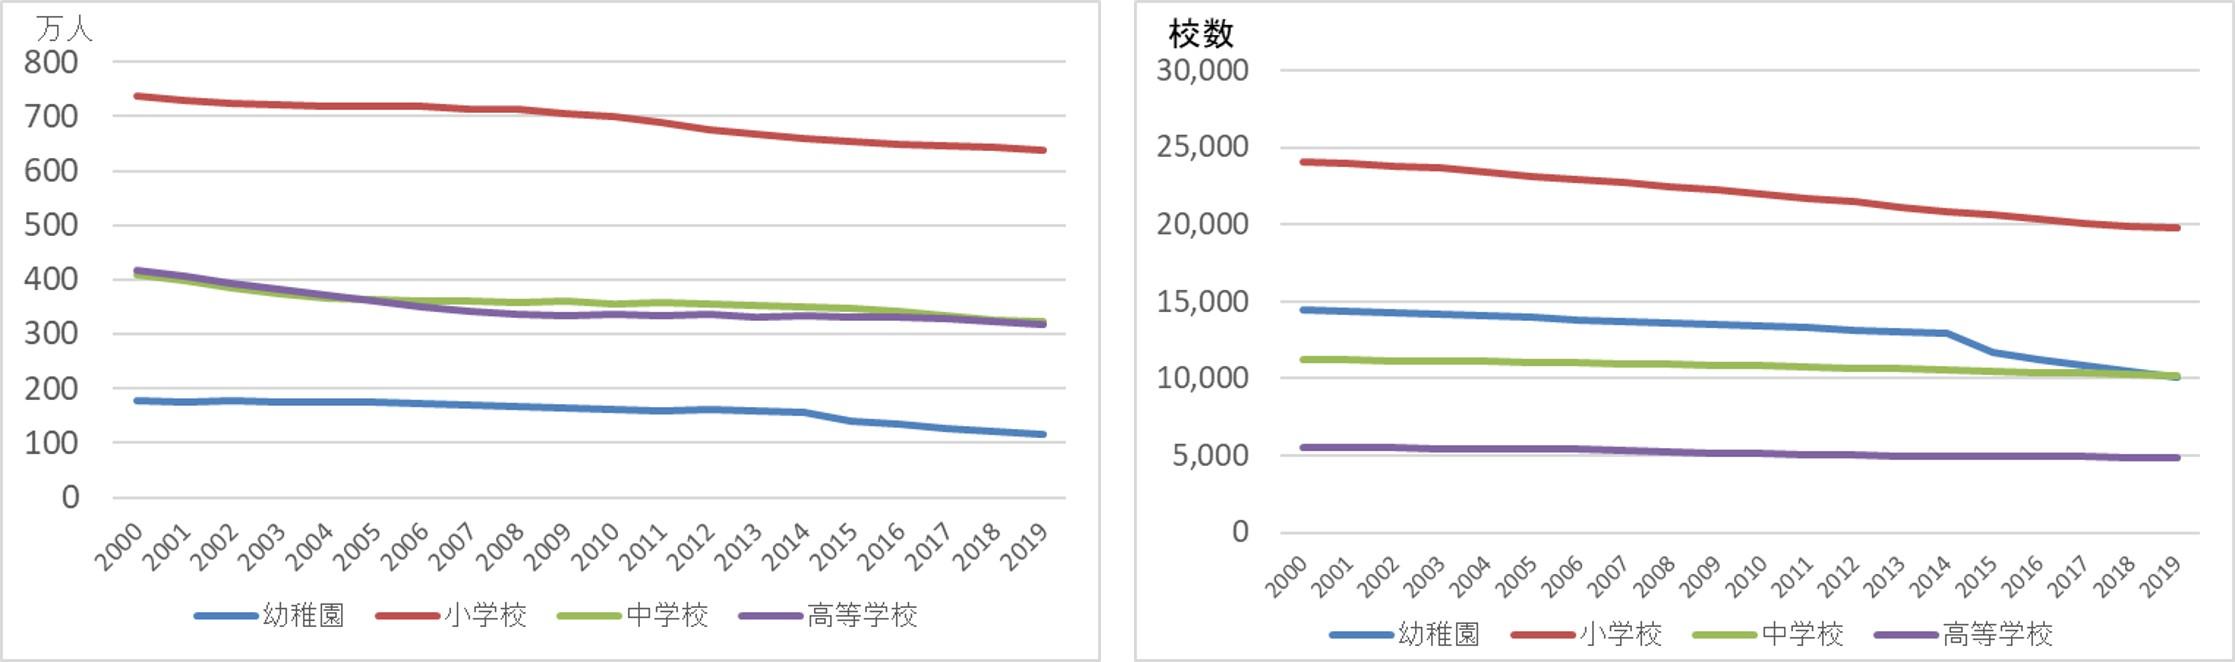 学齢期人口と学校数の減少